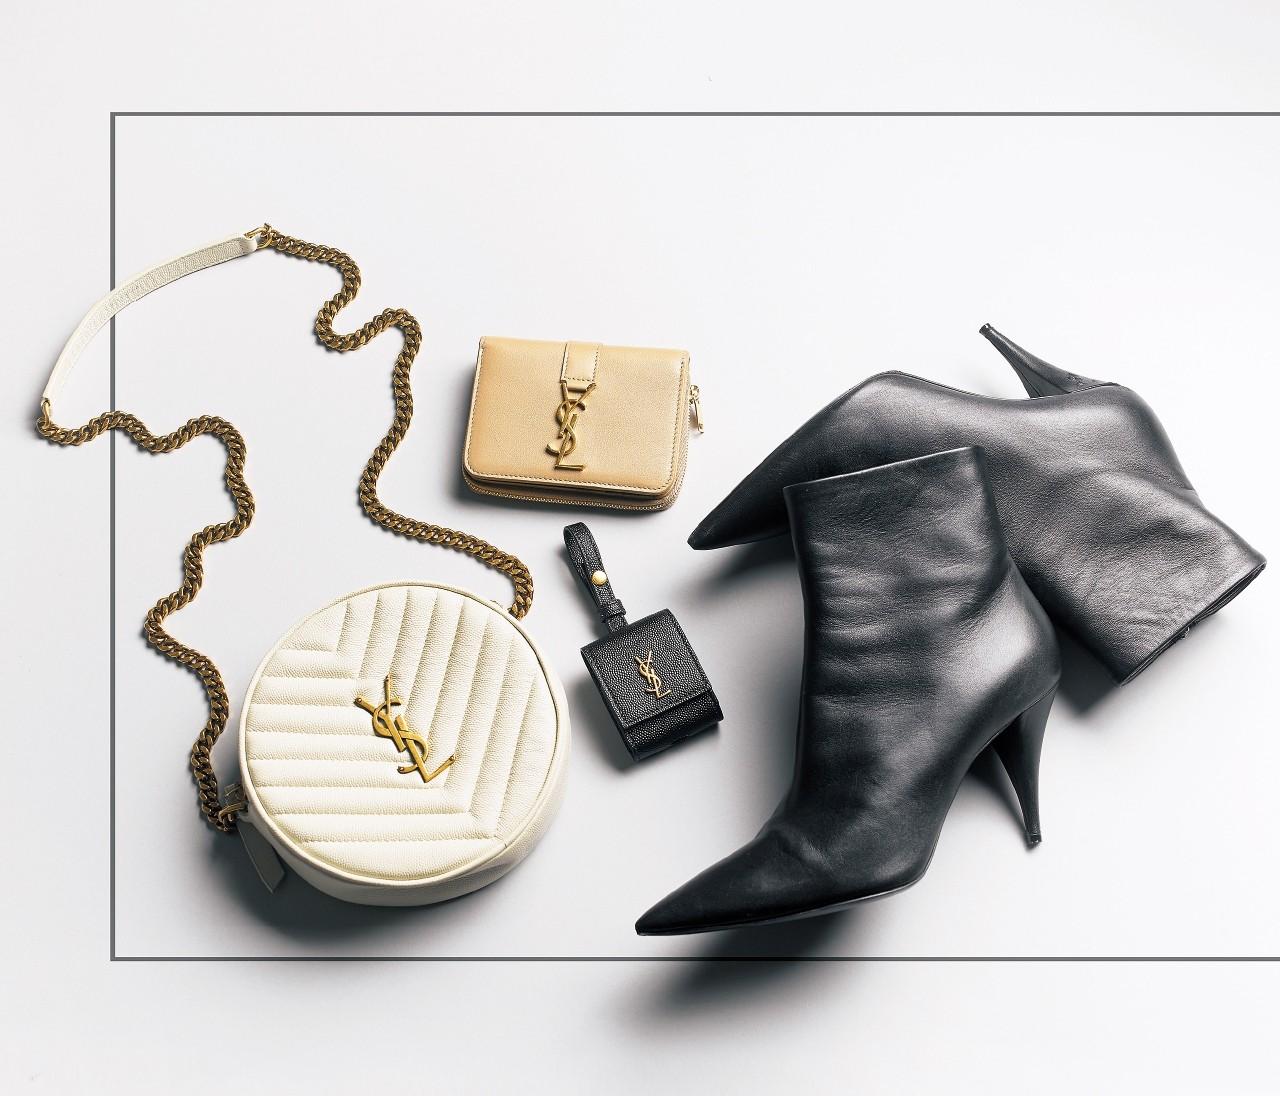 【クリスマスギフト】「SAINT LAURENT(サンローラン)」のモード&シックな財布やバッグ